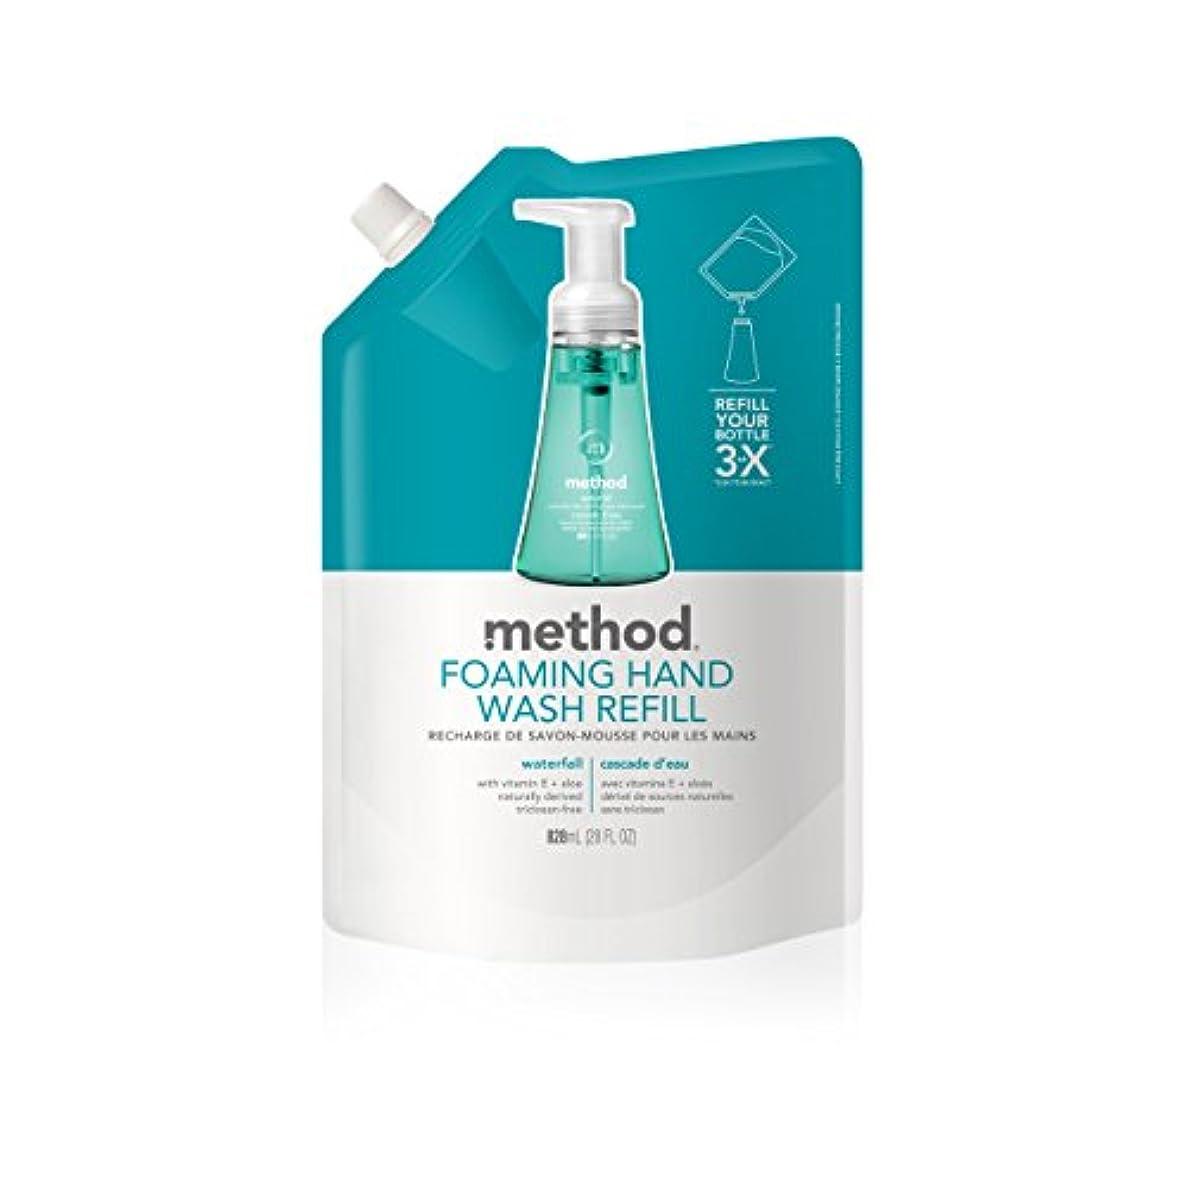 アレイ小説天才Method, Foaming Hand Wash Refill, Waterfall, 28 fl oz (828 ml)